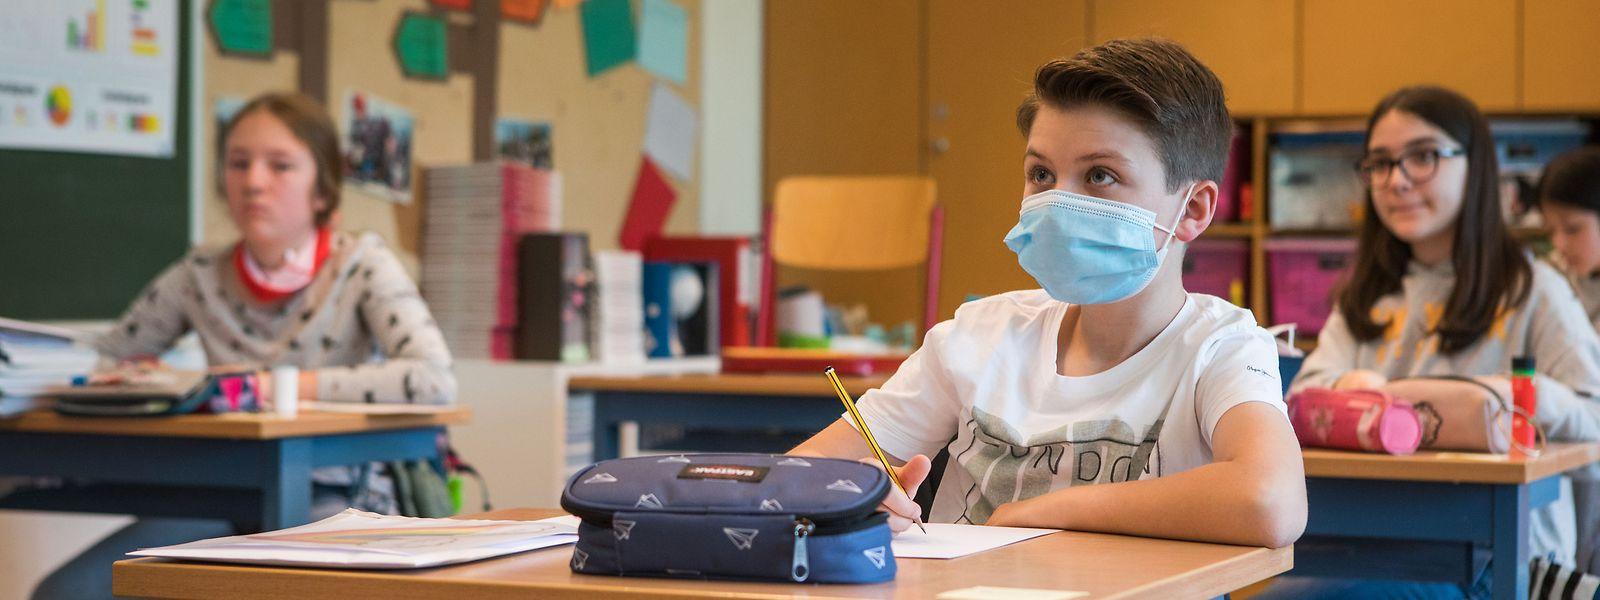 Selon la ministre de la Santé, aucun doute, «personne ne s'est infecté à l'école». Une affirmation bien incertaine.